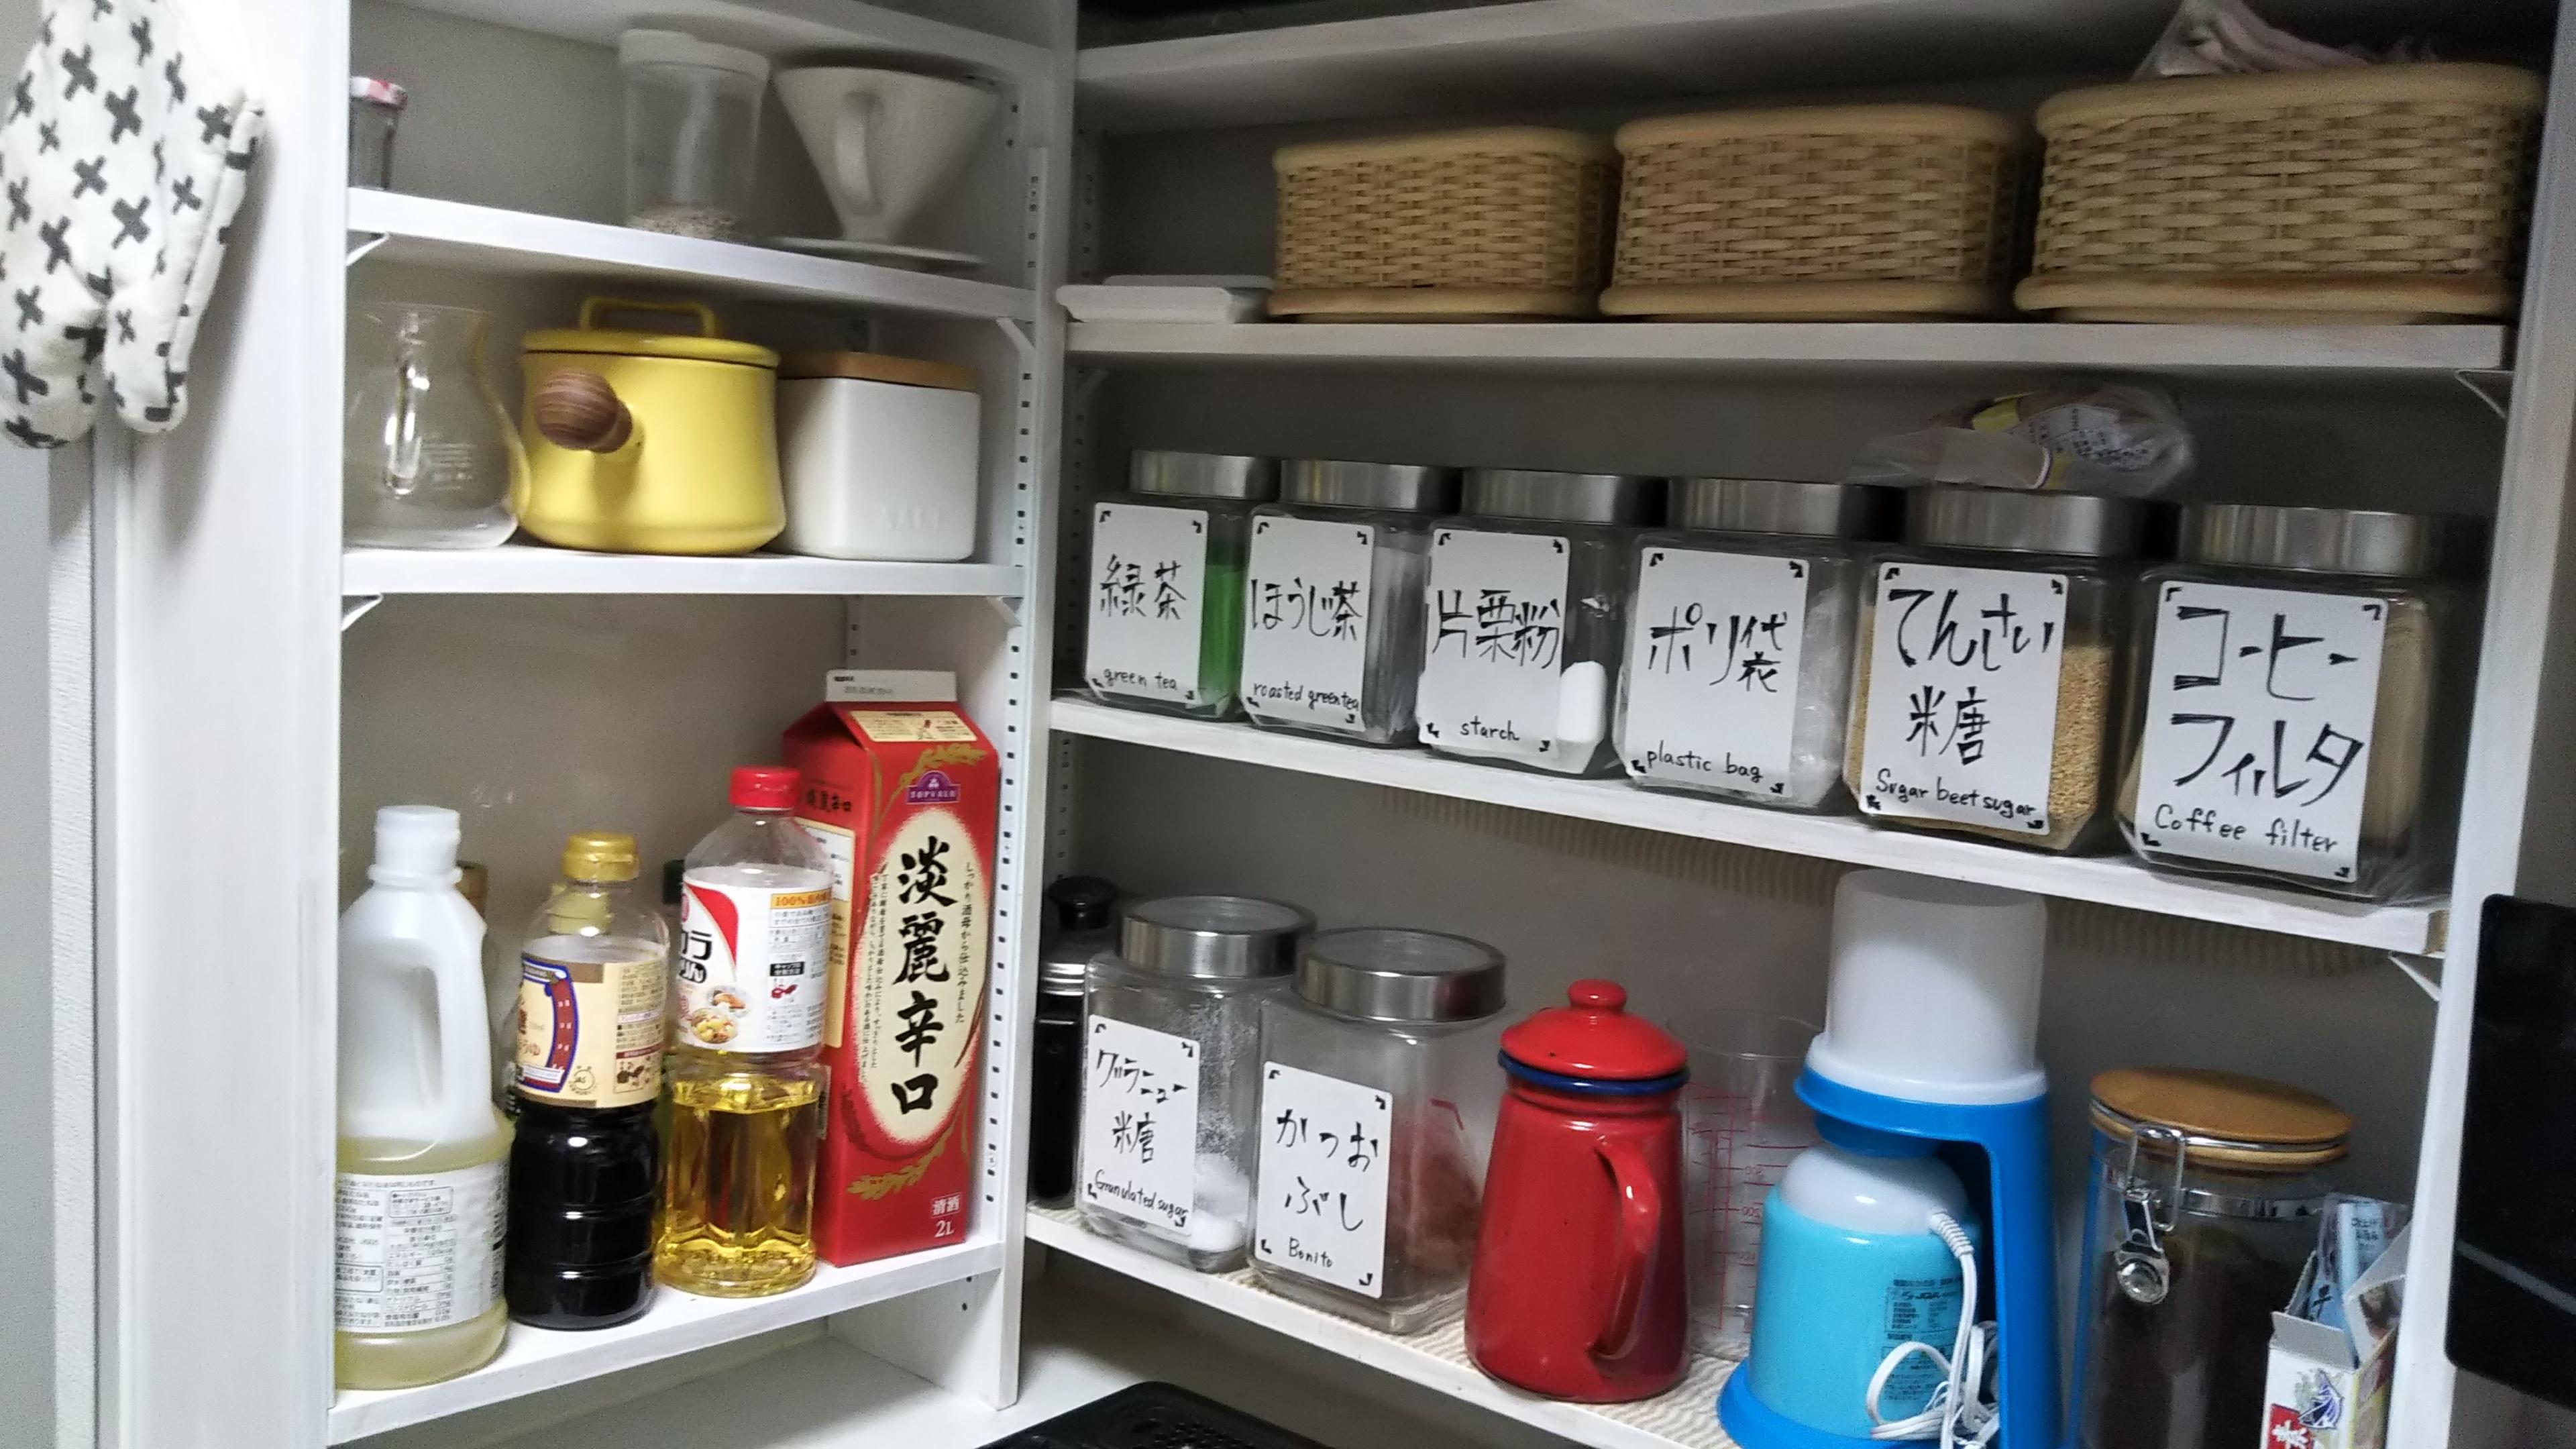 一年ぶりにDIYでキッチンの棚を増設しました